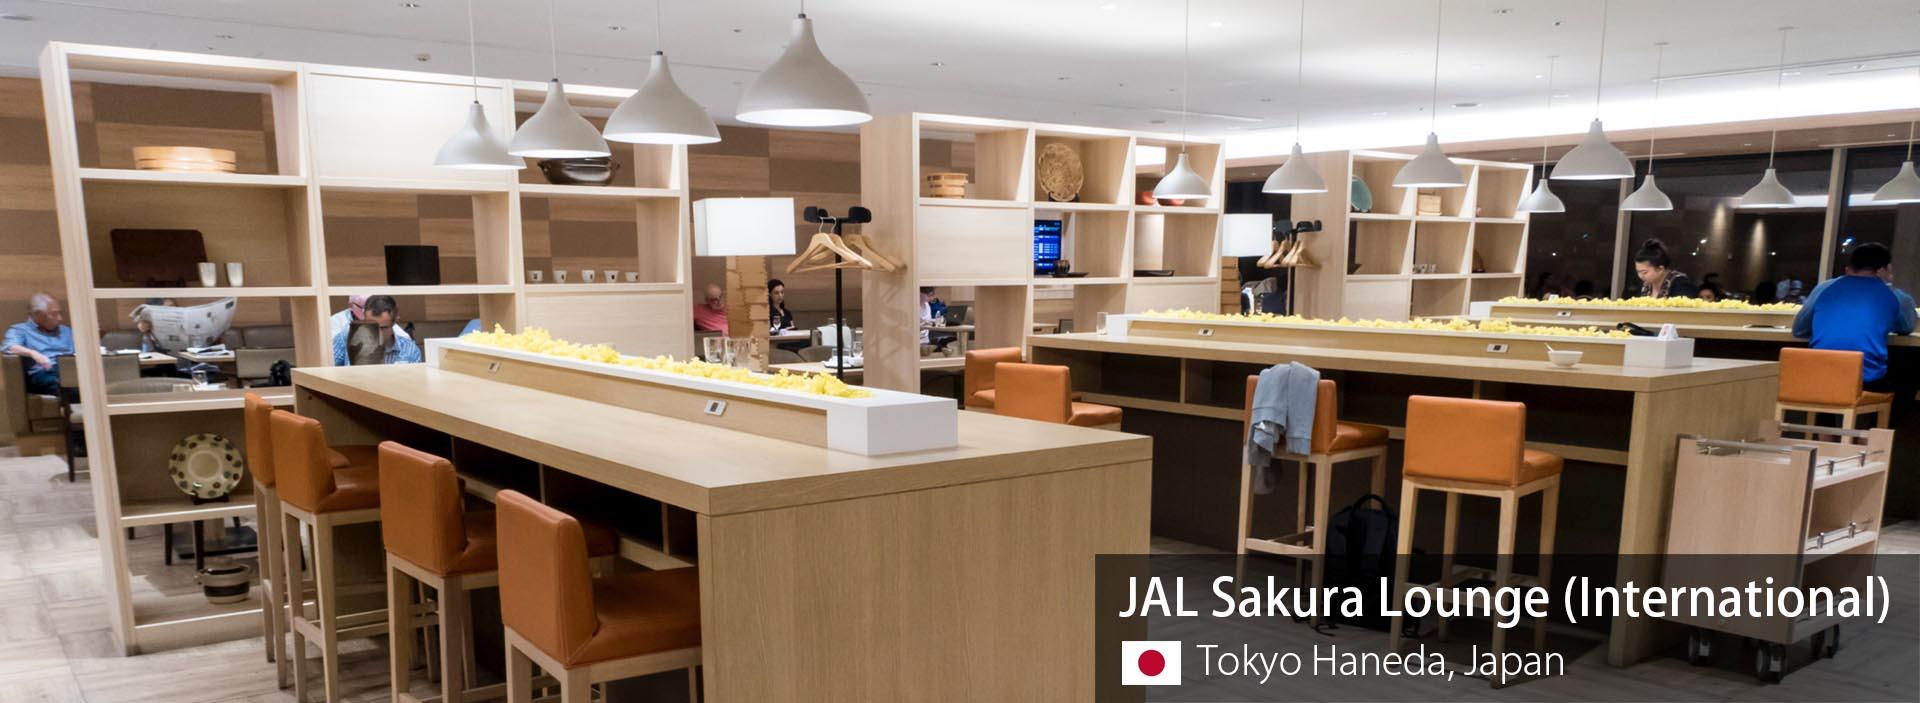 Review: JAL Sakura Lounge (International Terminal) at Tokyo Haneda